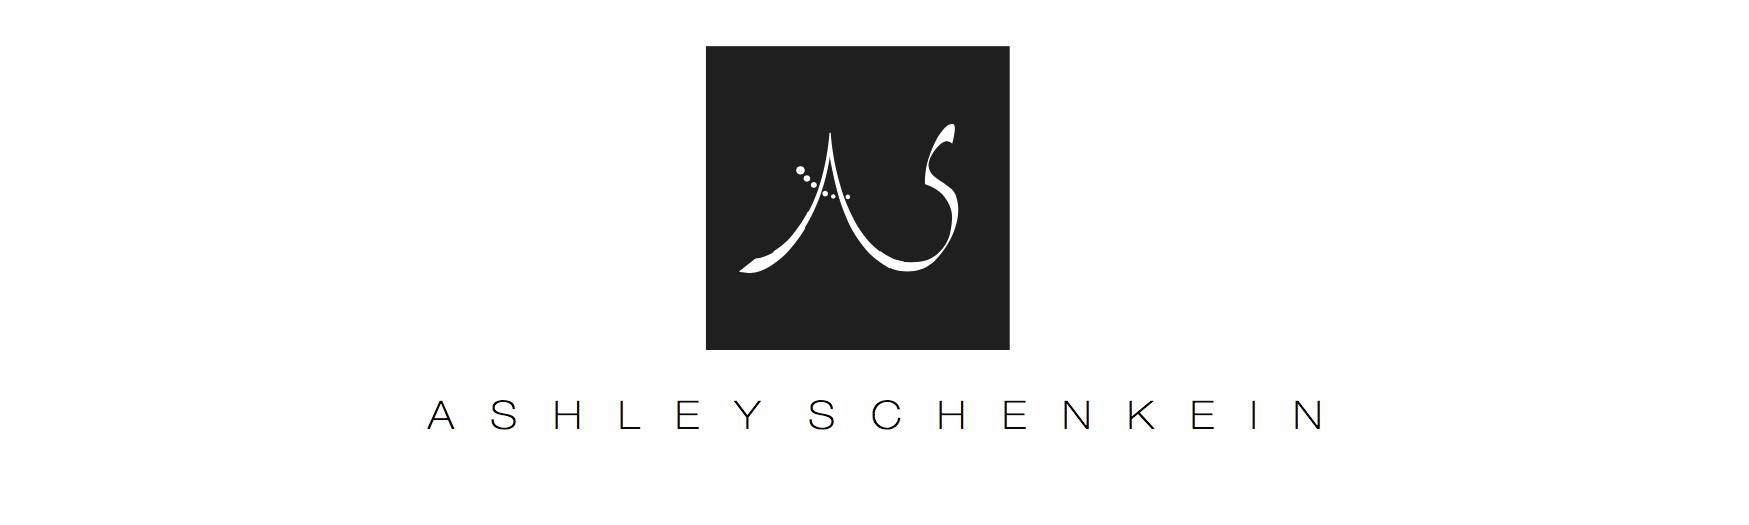 Ashley Schenkein Logo